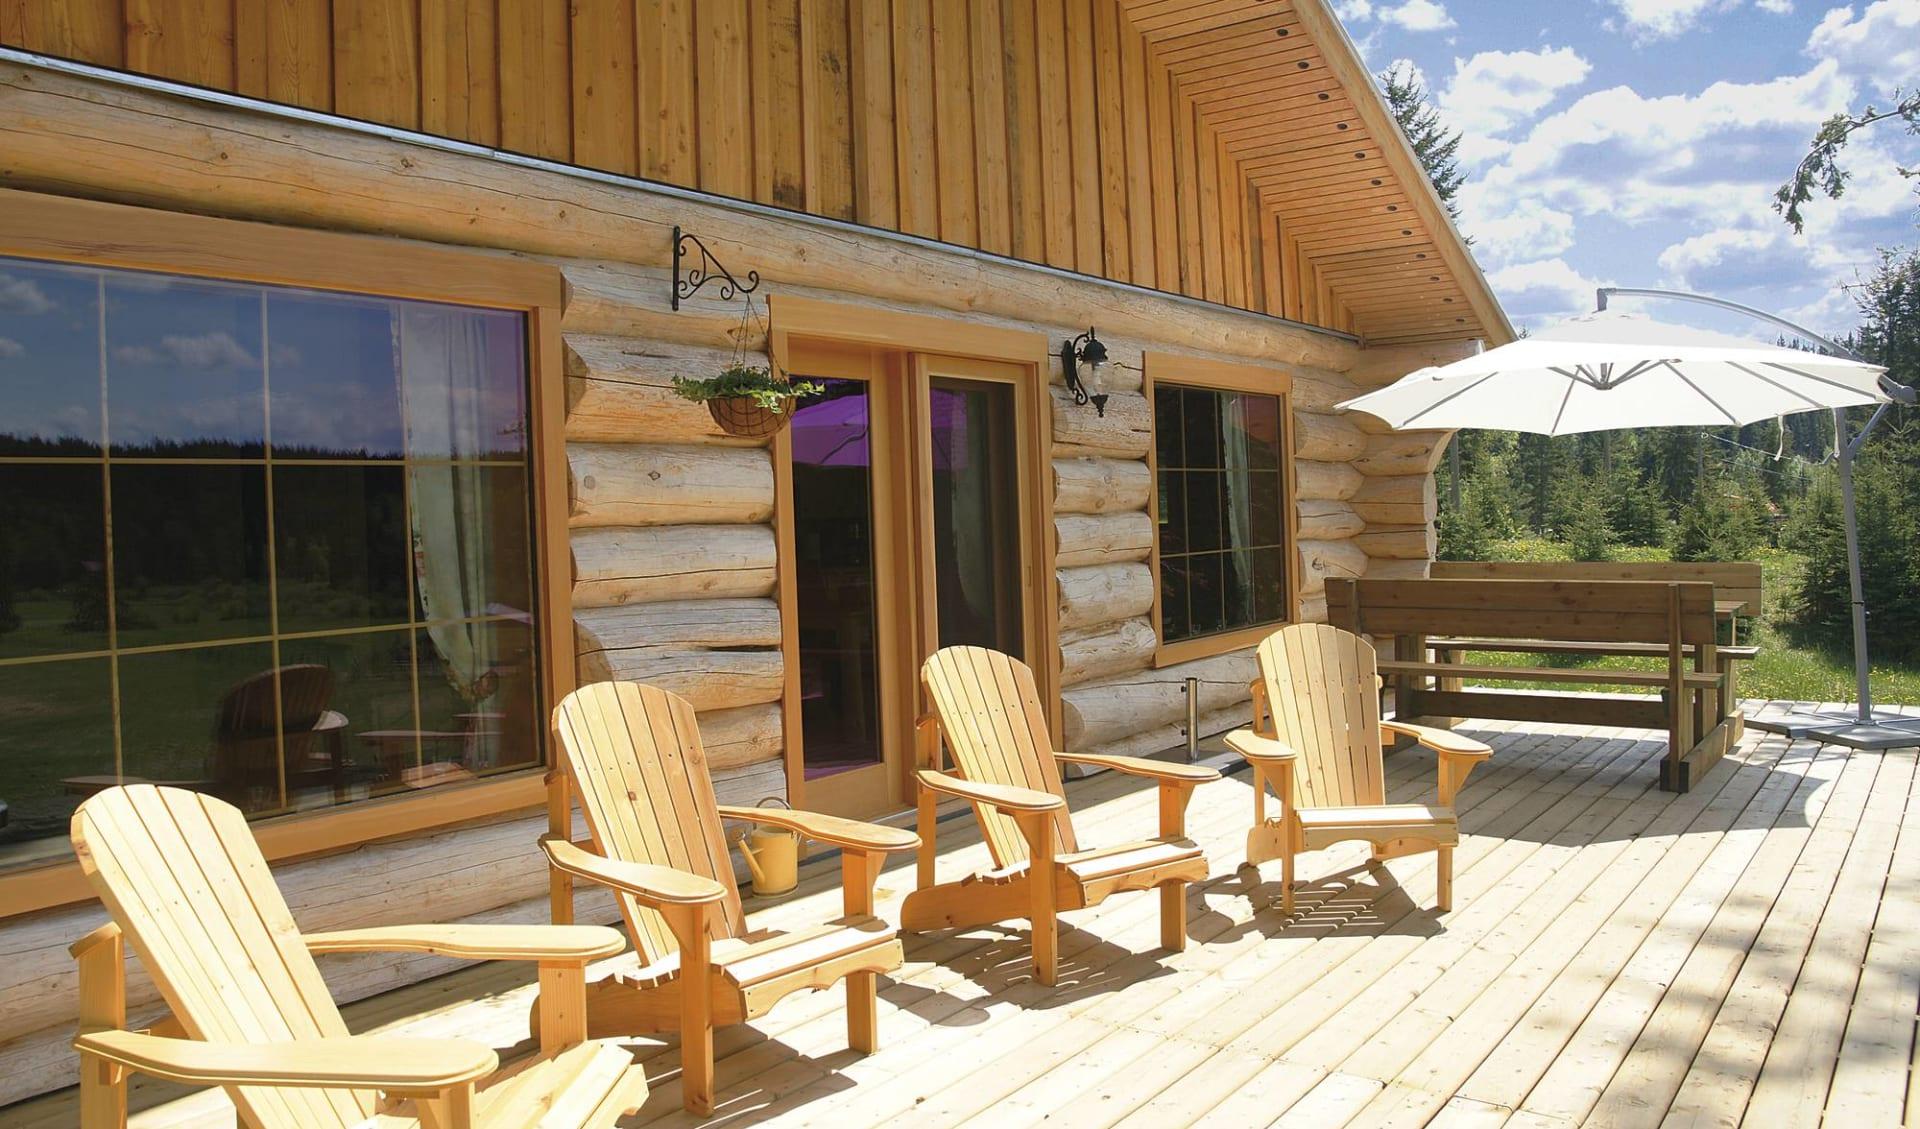 Kayanara Guest Ranch in Eagle Creek:  Kayanara Guest Ranch